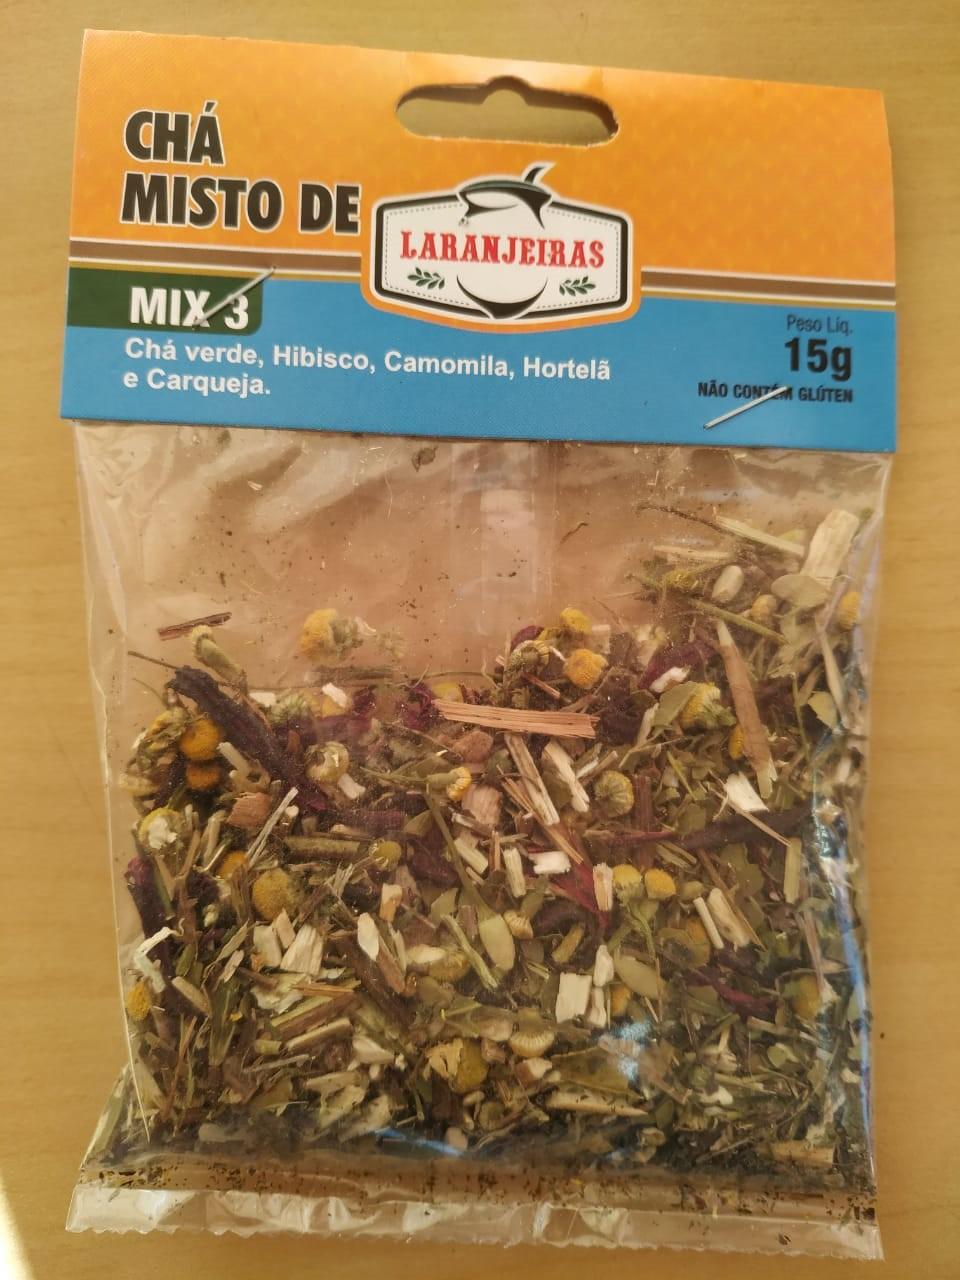 Chá Misto Com Especiarias - Mix 3 - 20 g - Mate Laranjeiras